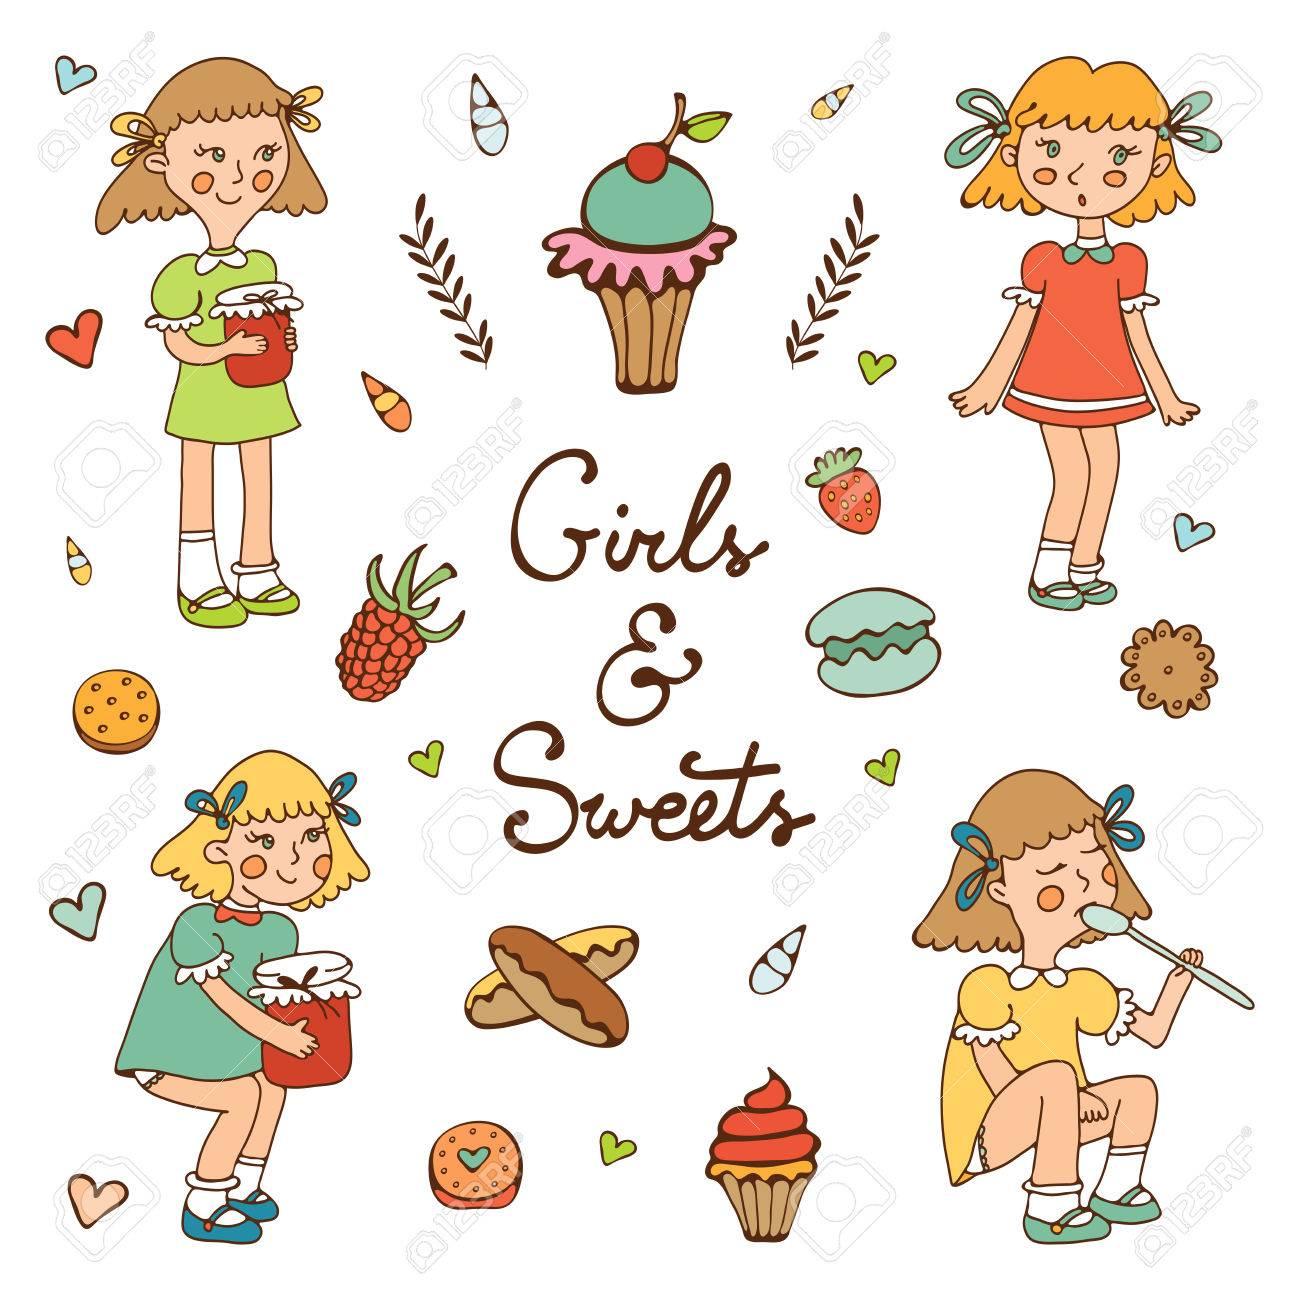 女の子の文字と様々 なデザートやお菓子のイラストベクトル形式の